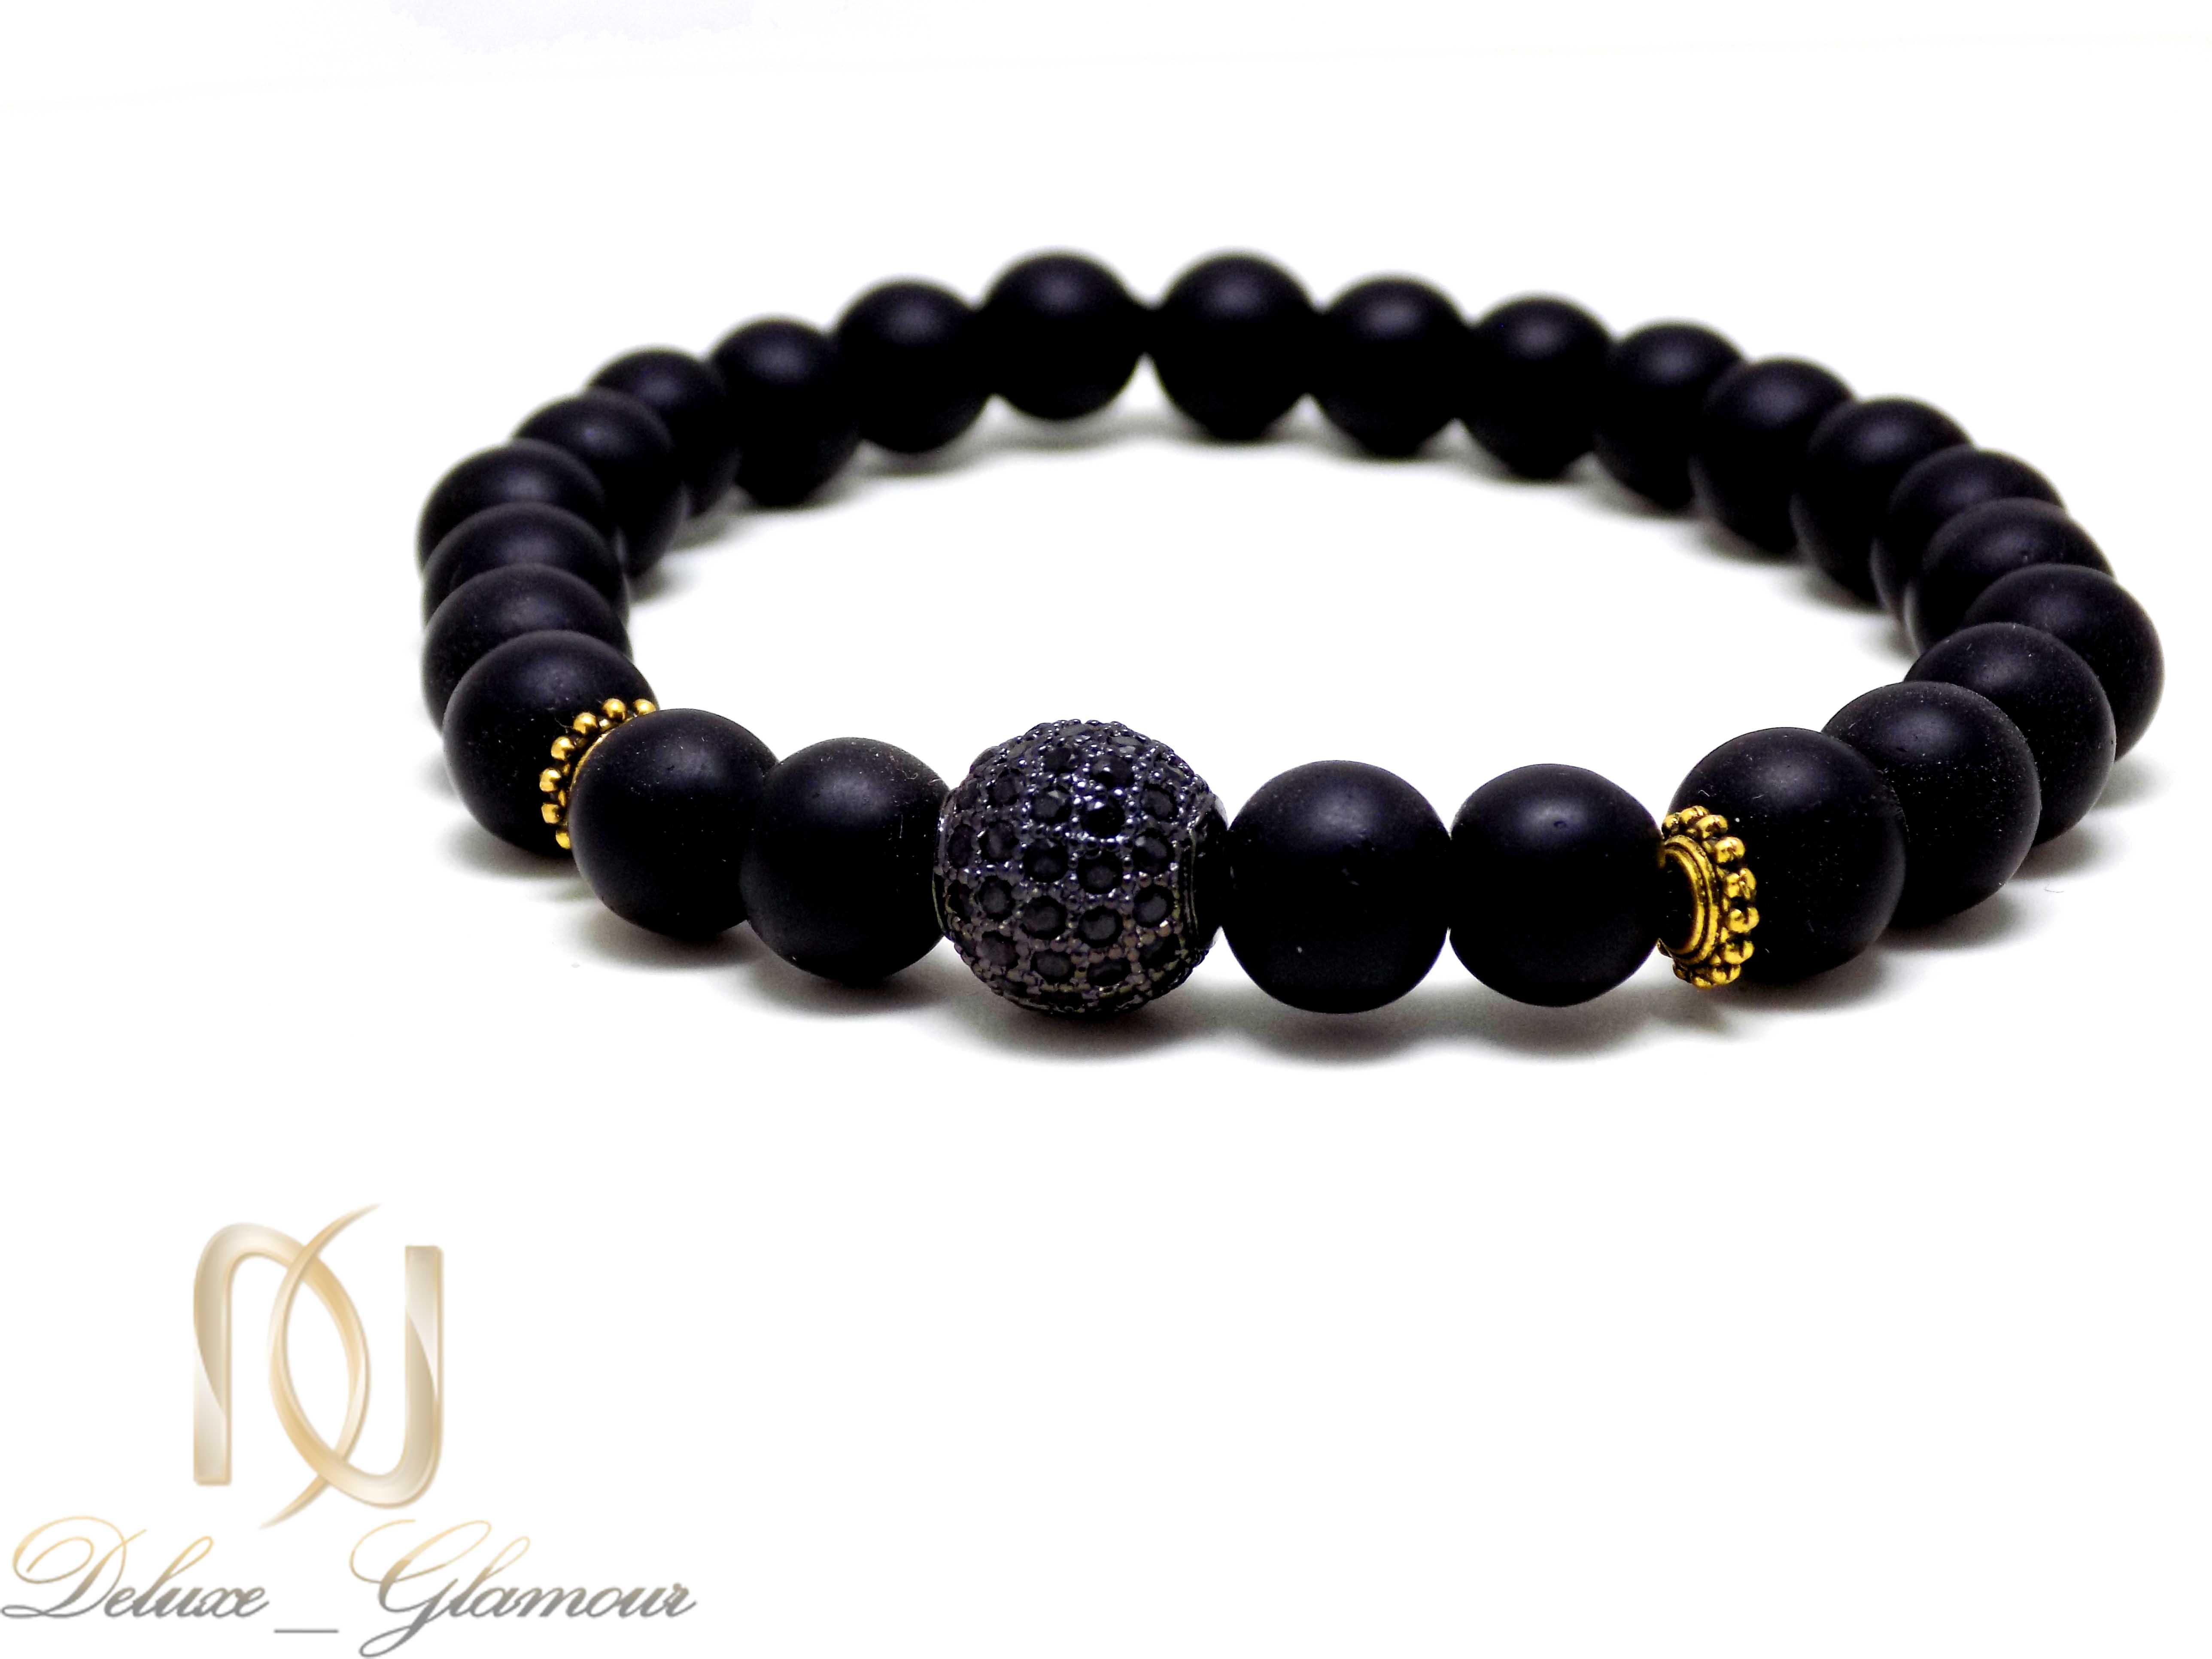 ست دستبند دخترانه و پسرانه طرح کروی Ds-n331 - مهره مشکی